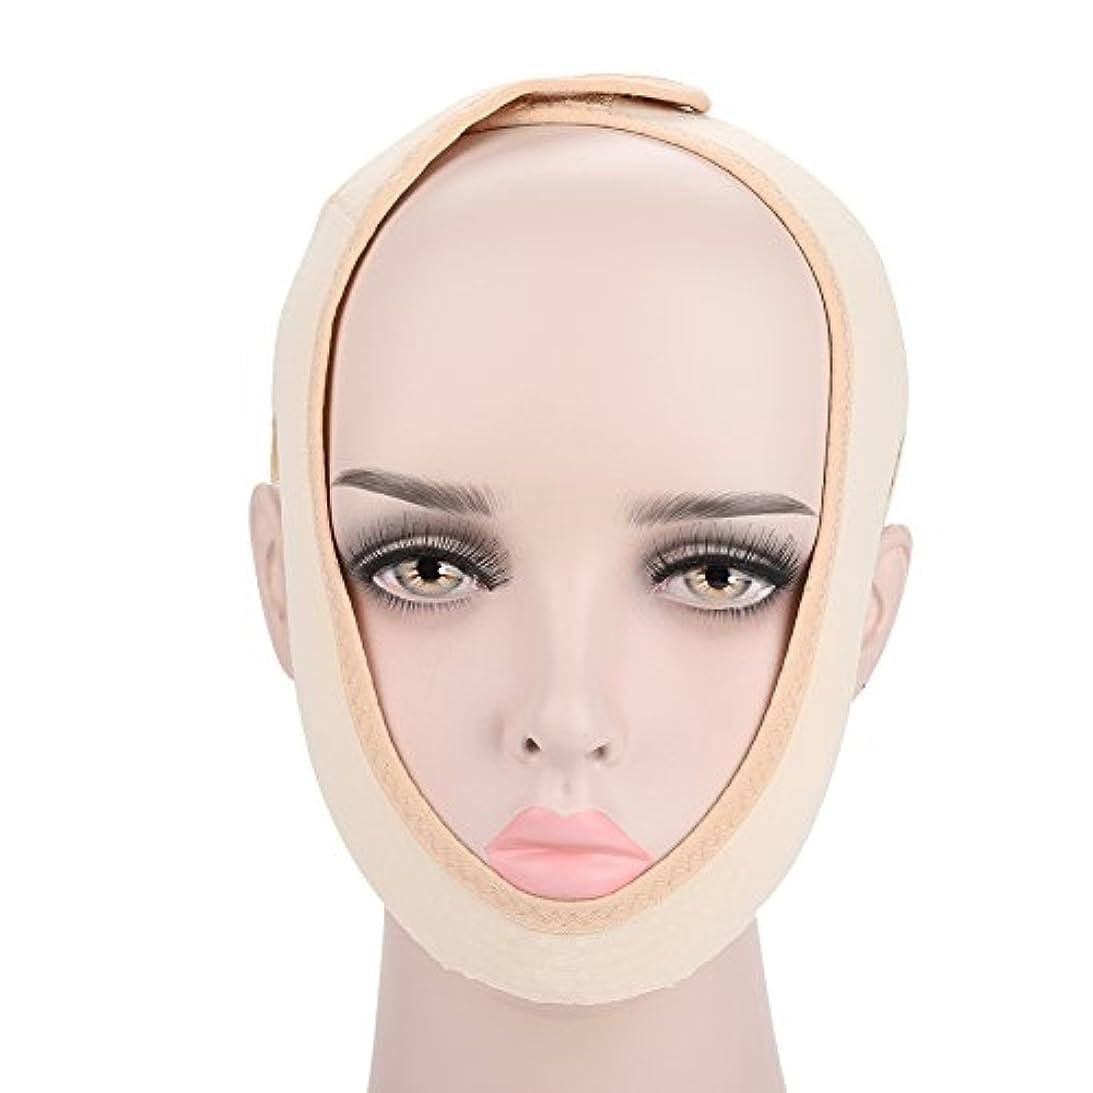 画像慢性的モニター顔の輪郭を改善するための顔の痩身マスク、通気性と伸縮性、二重あごを和らげ、顔の手術とリハビリ